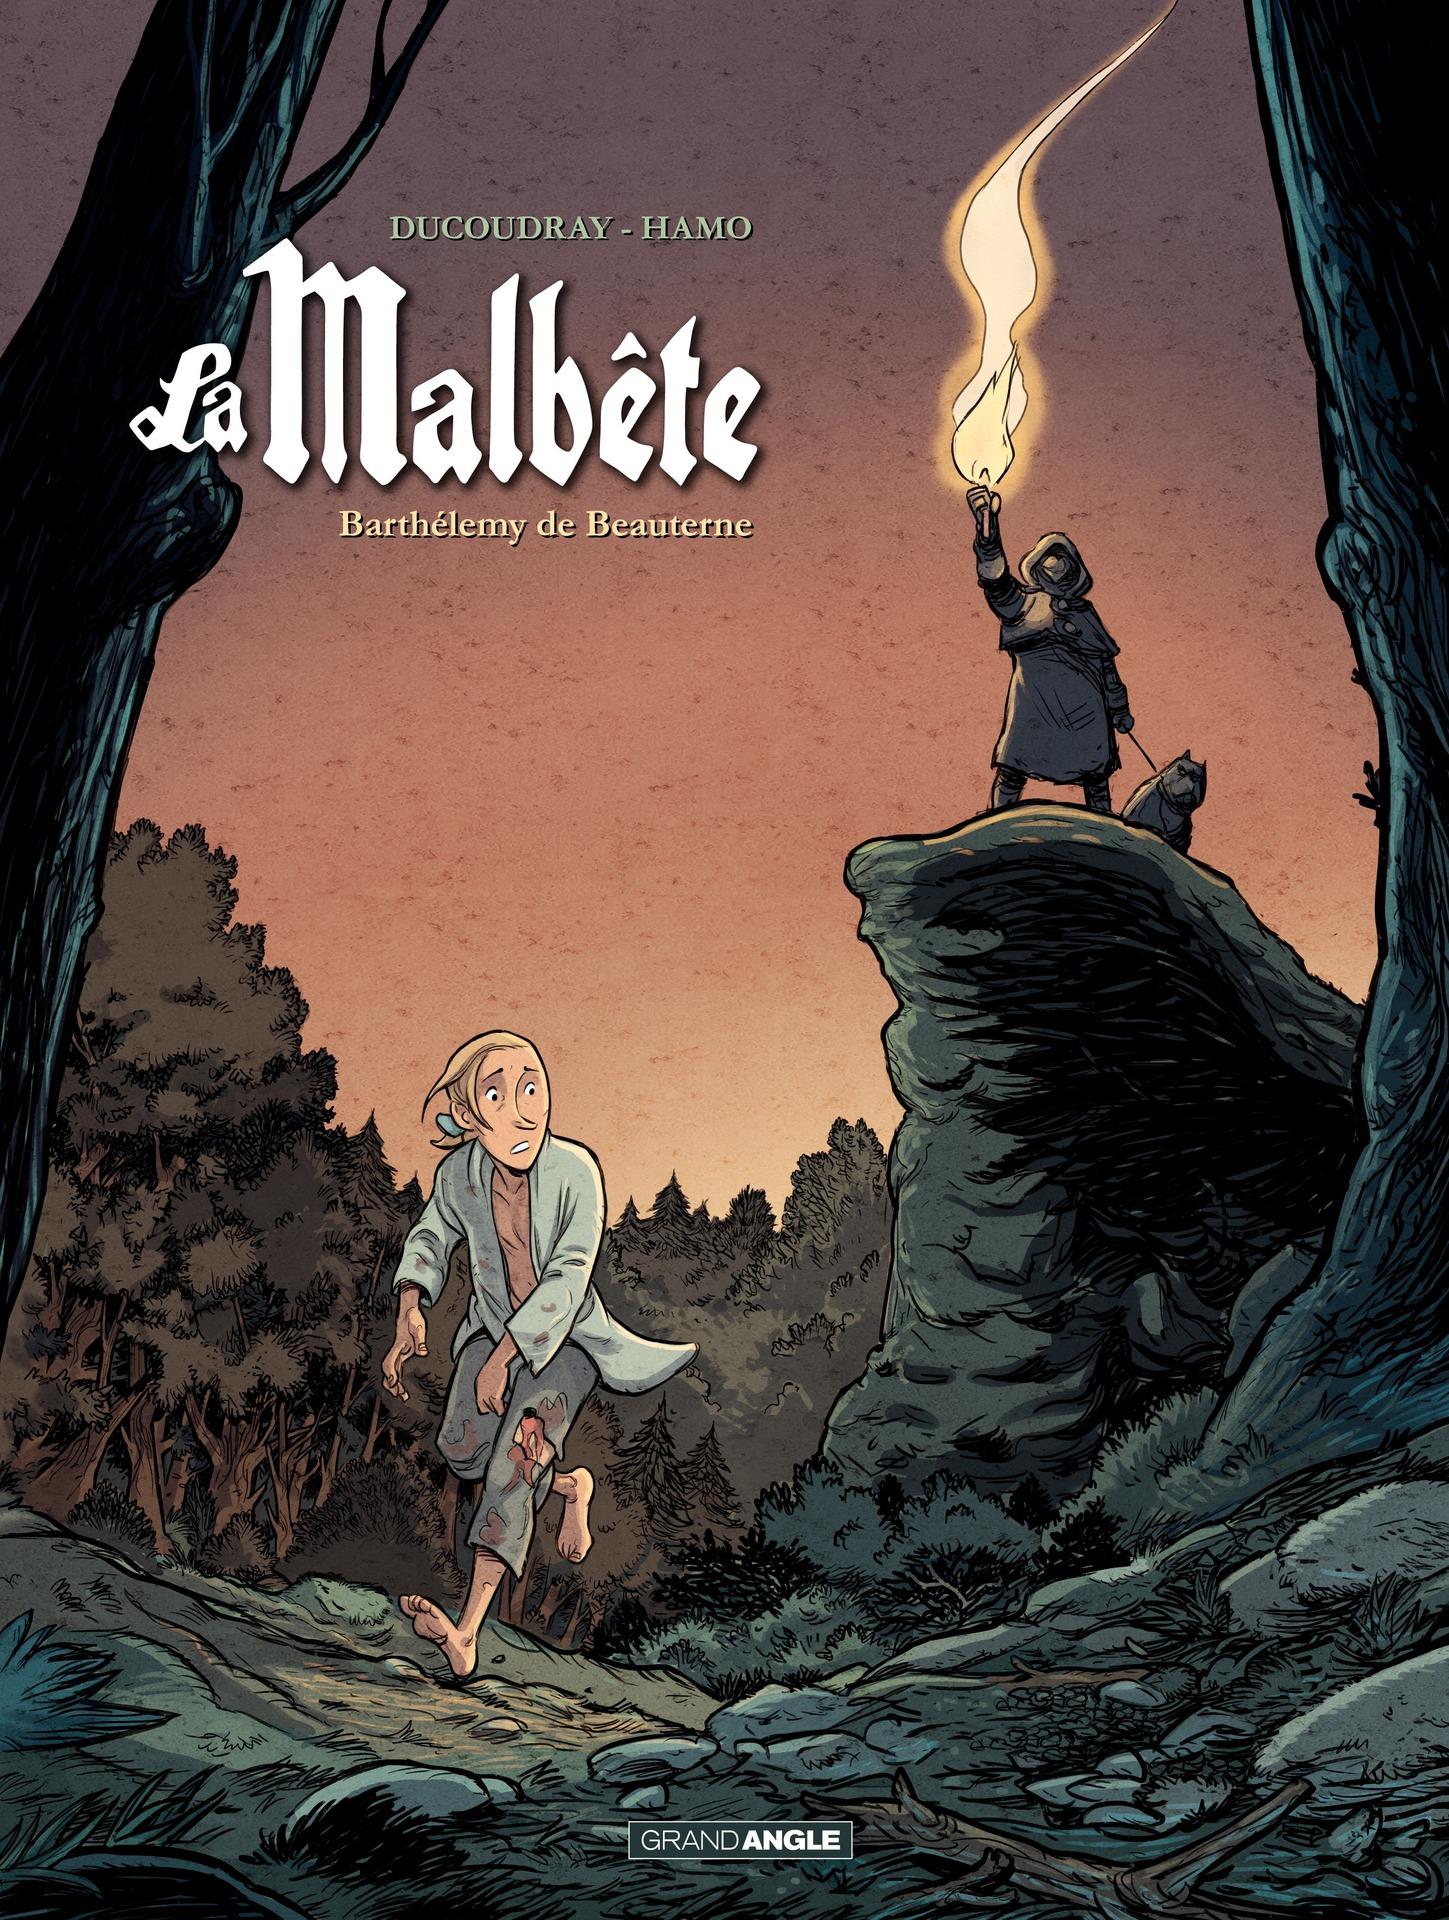 La Malbete - T.2 - Ducoudray - Hamo - Couverture